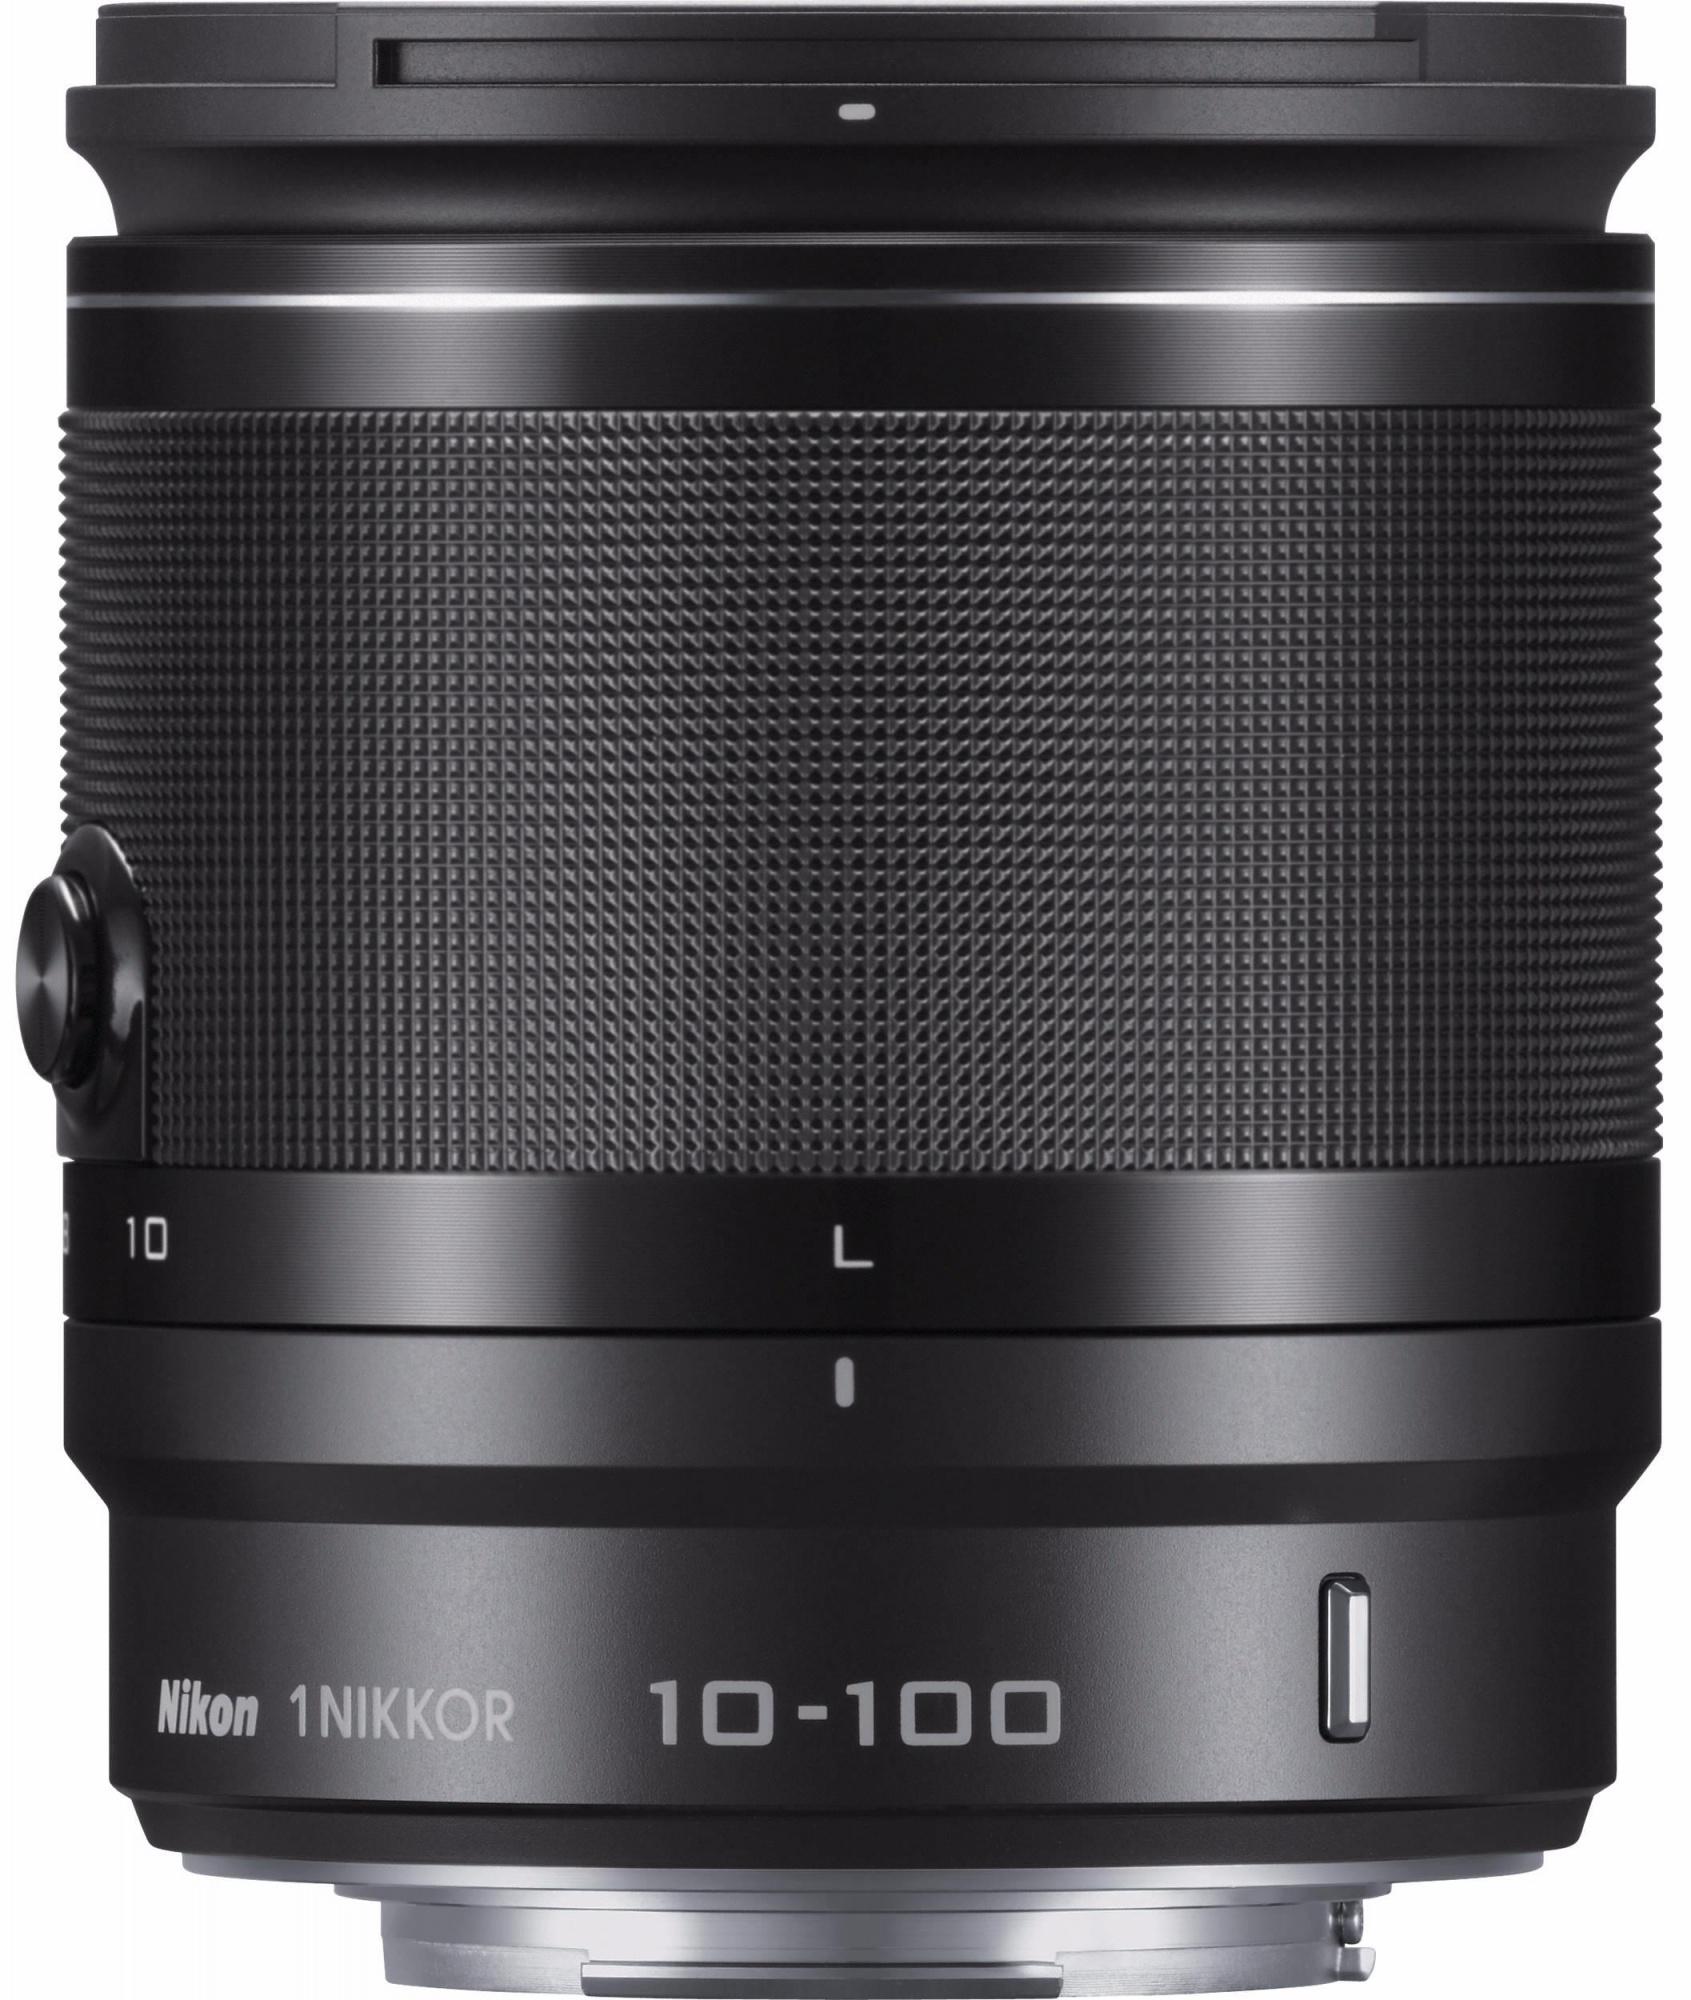 Nikon Nikkor 1 10-100mm JAA705DA